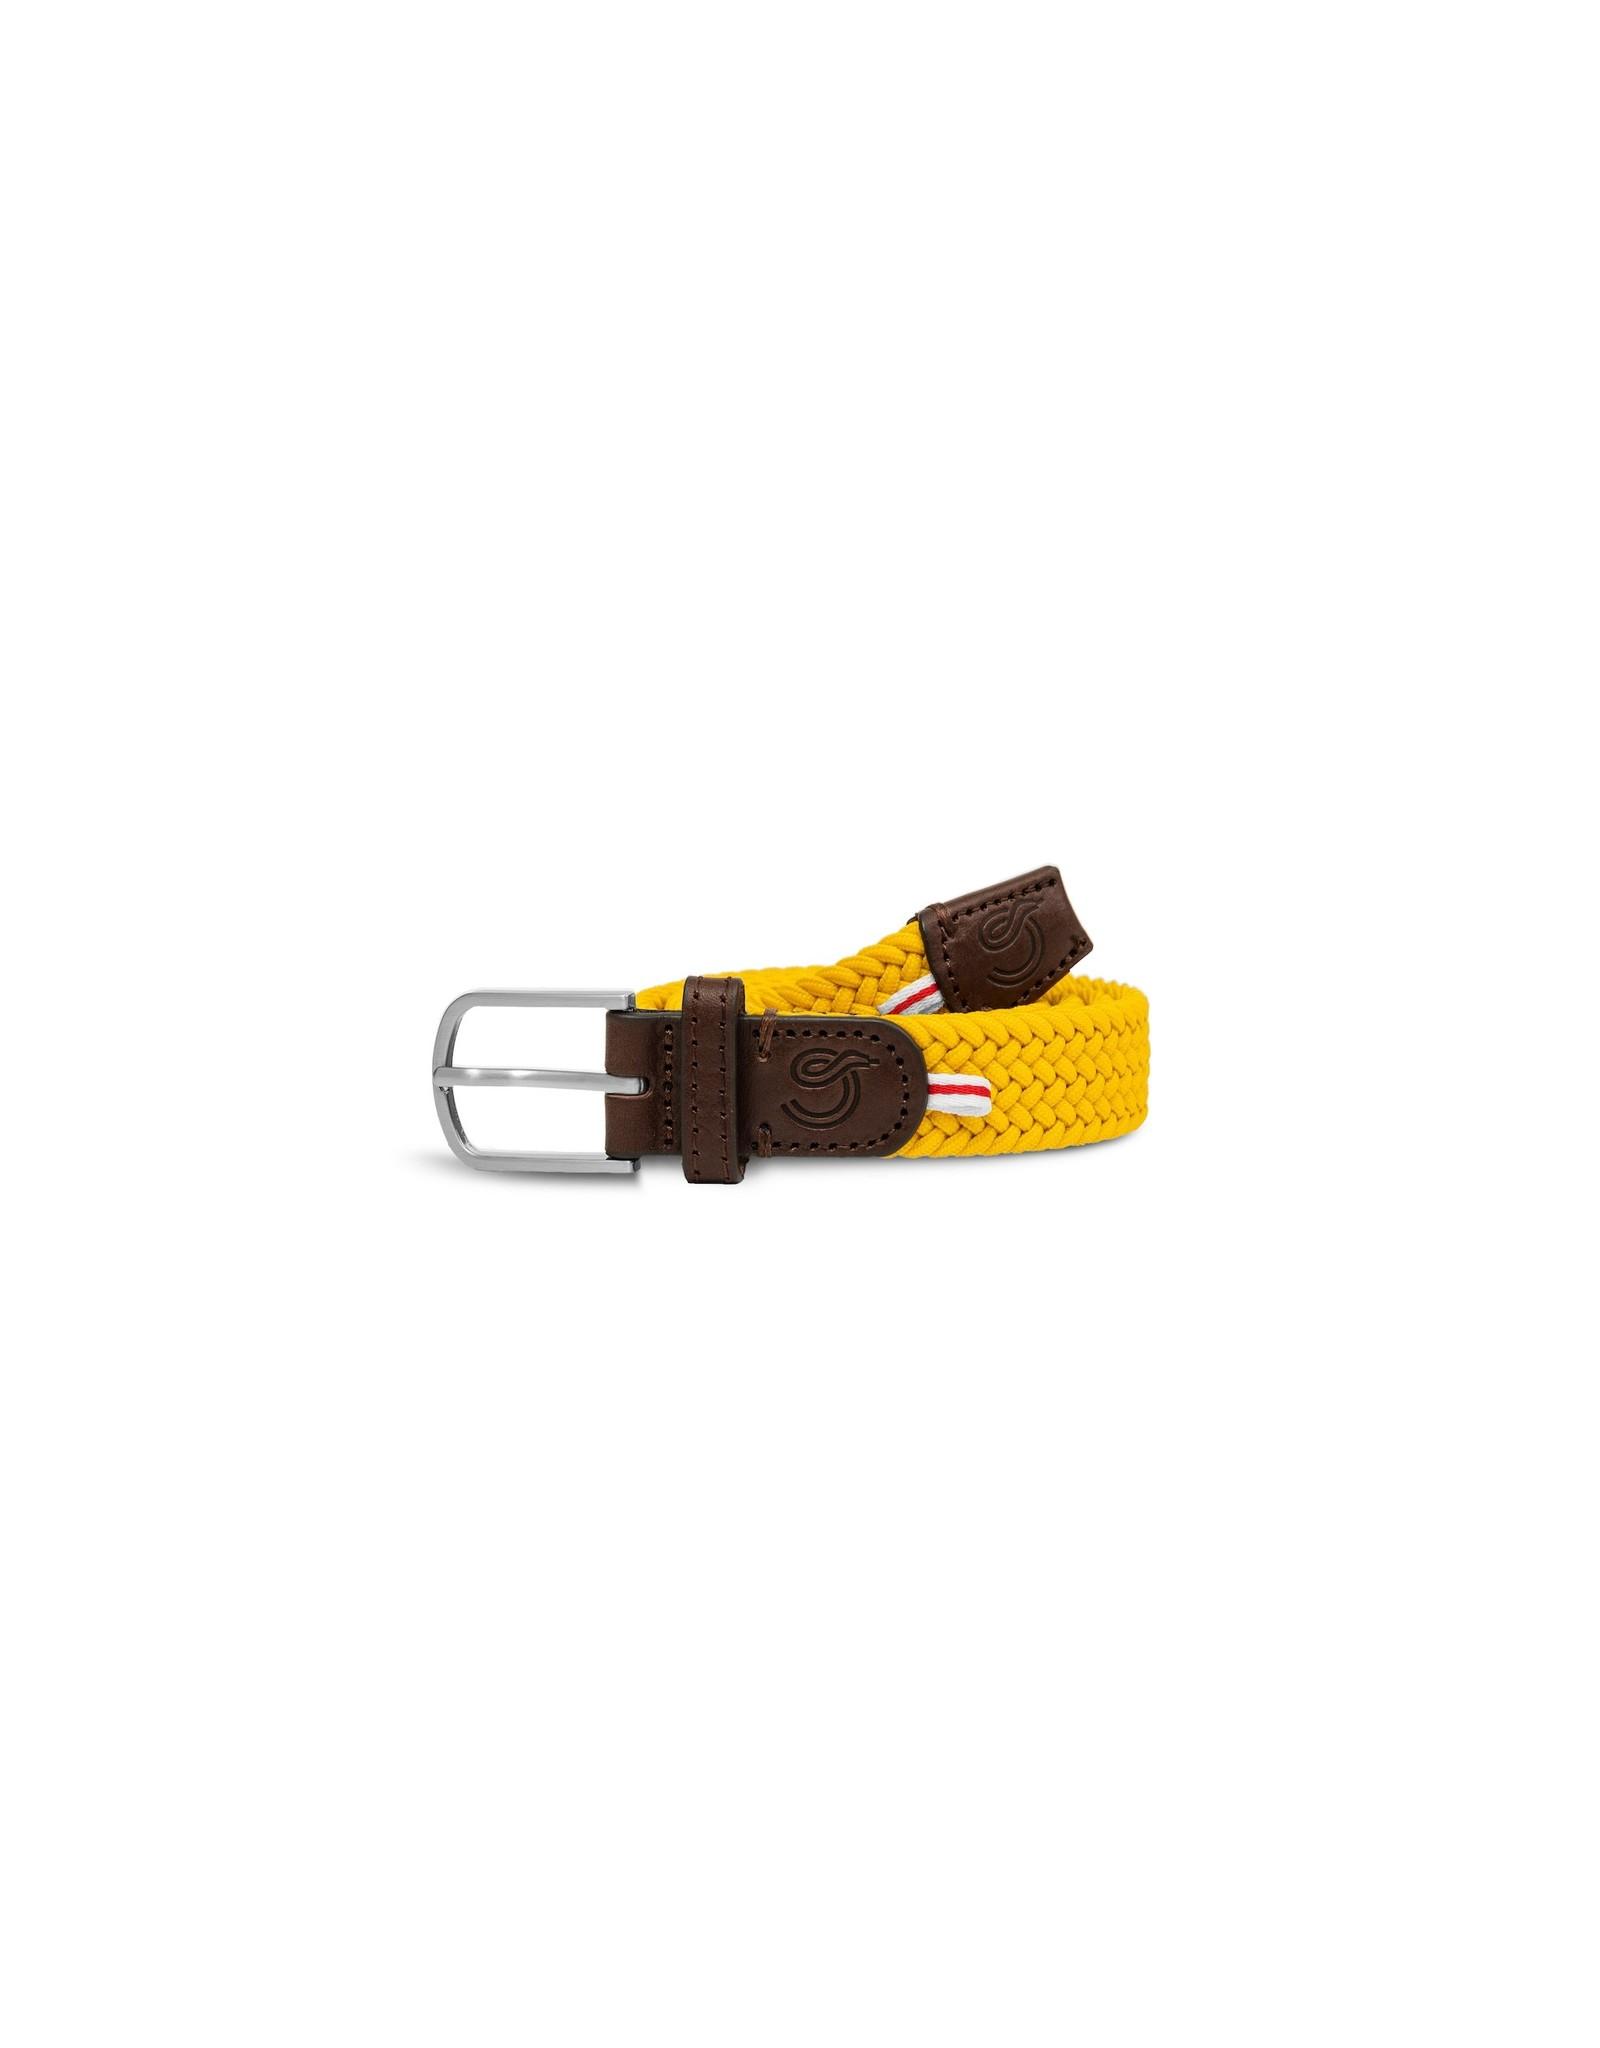 La Boucle Riem Petite Los Angeles yellow (95cm)